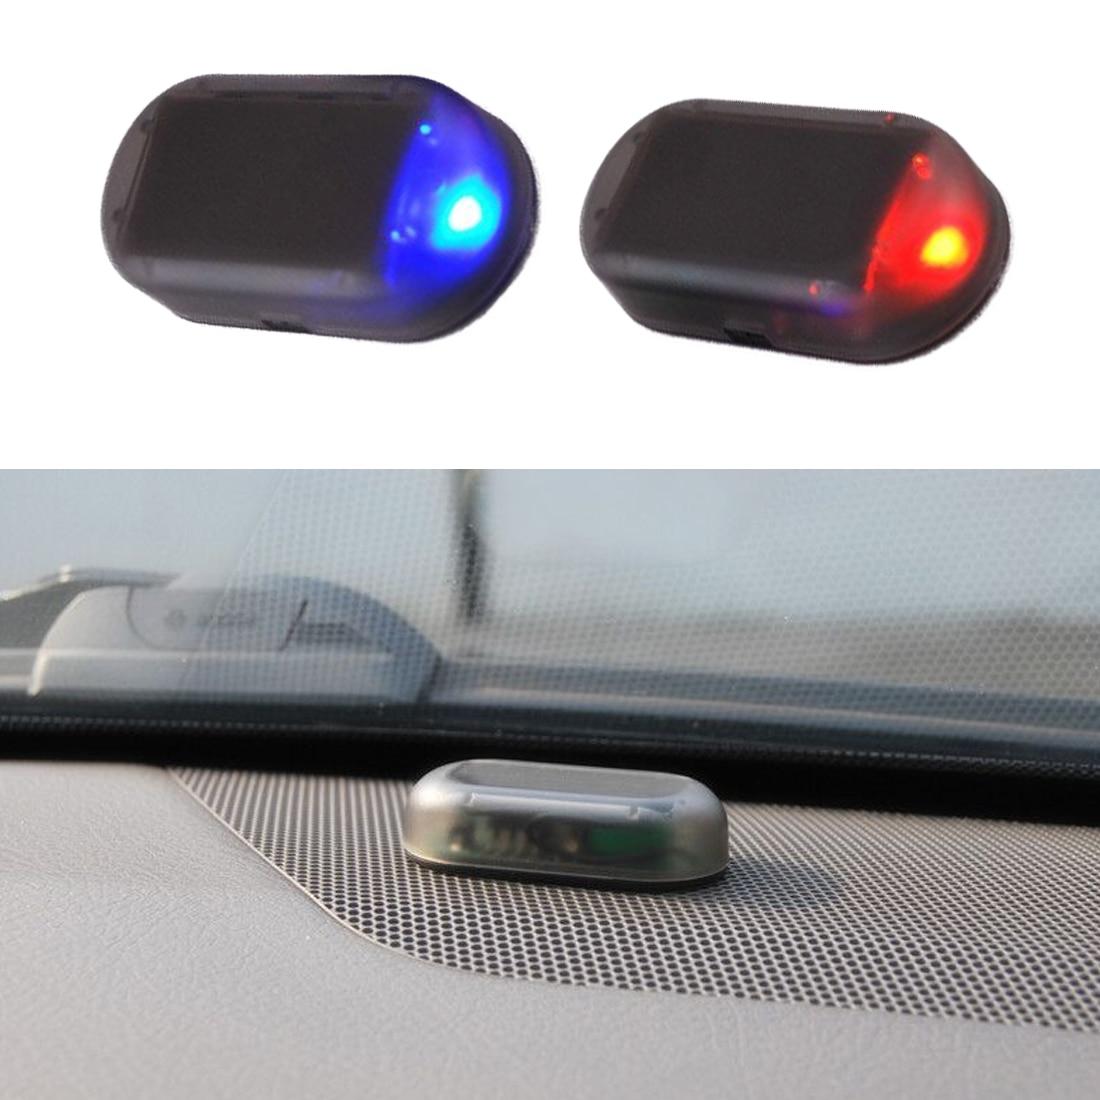 1 шт., Универсальный Автомобильный светодиодный светильник, система безопасности, предупреждение о краже, мигающий, поддельный, солнечный, Автомобильный аварийный светодиодный светильник